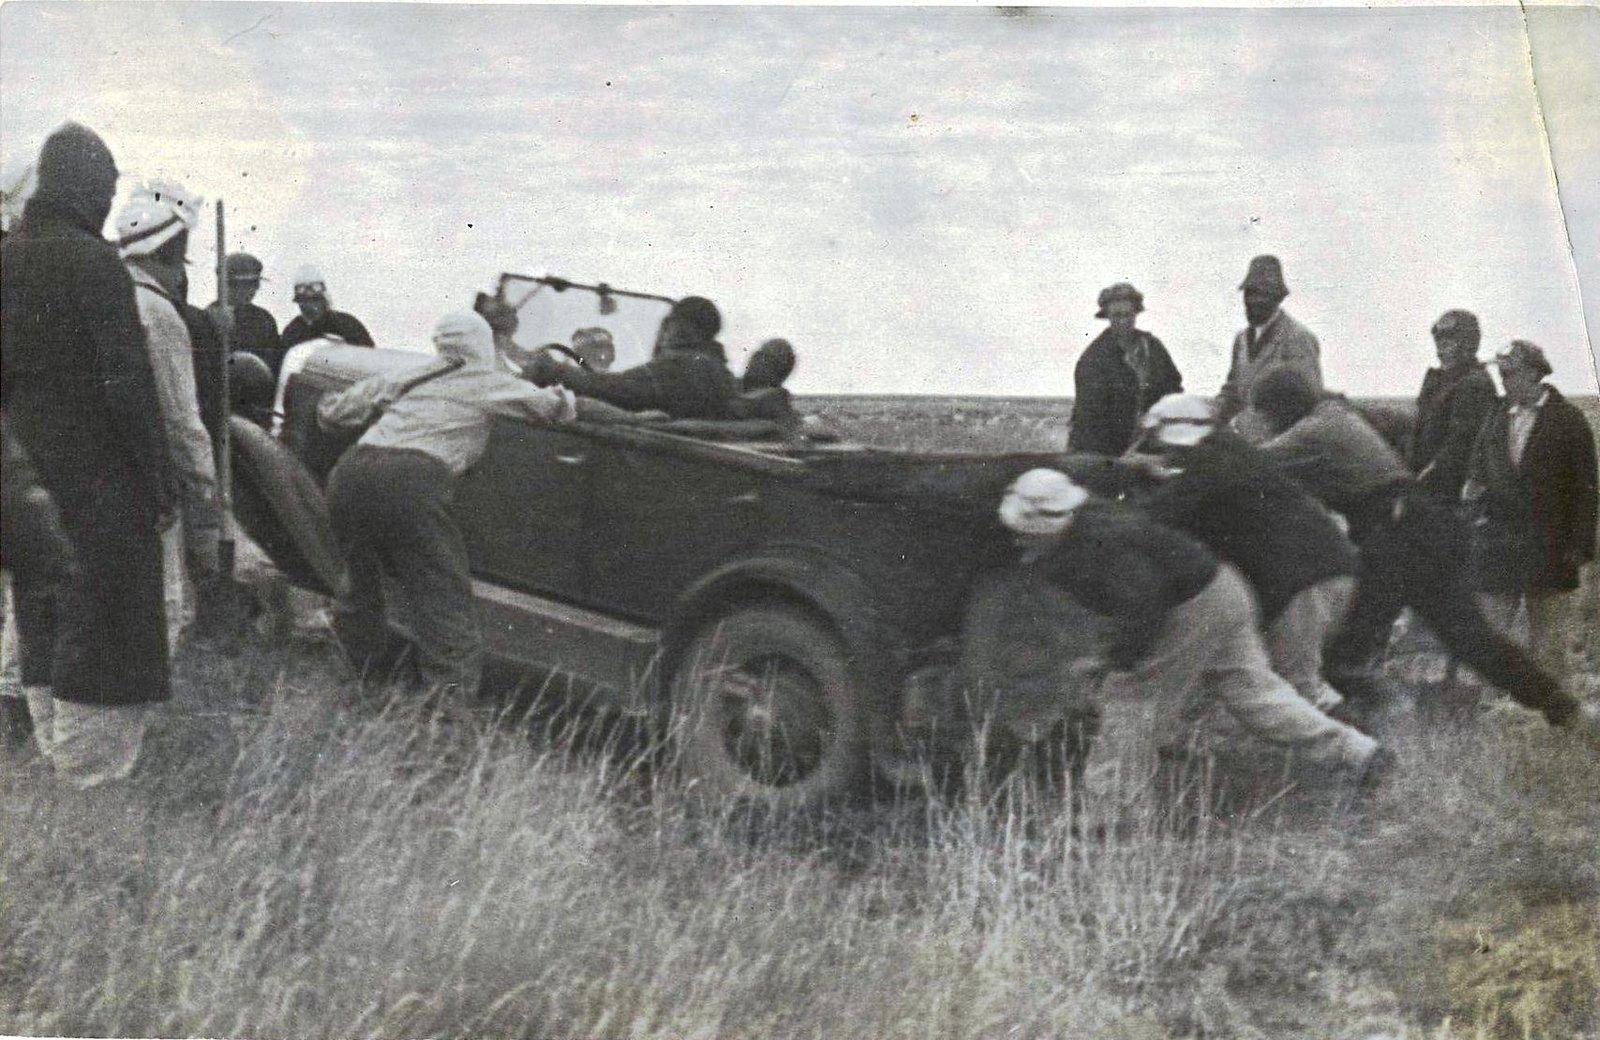 04. Участницы пробега толкают автомобиль.